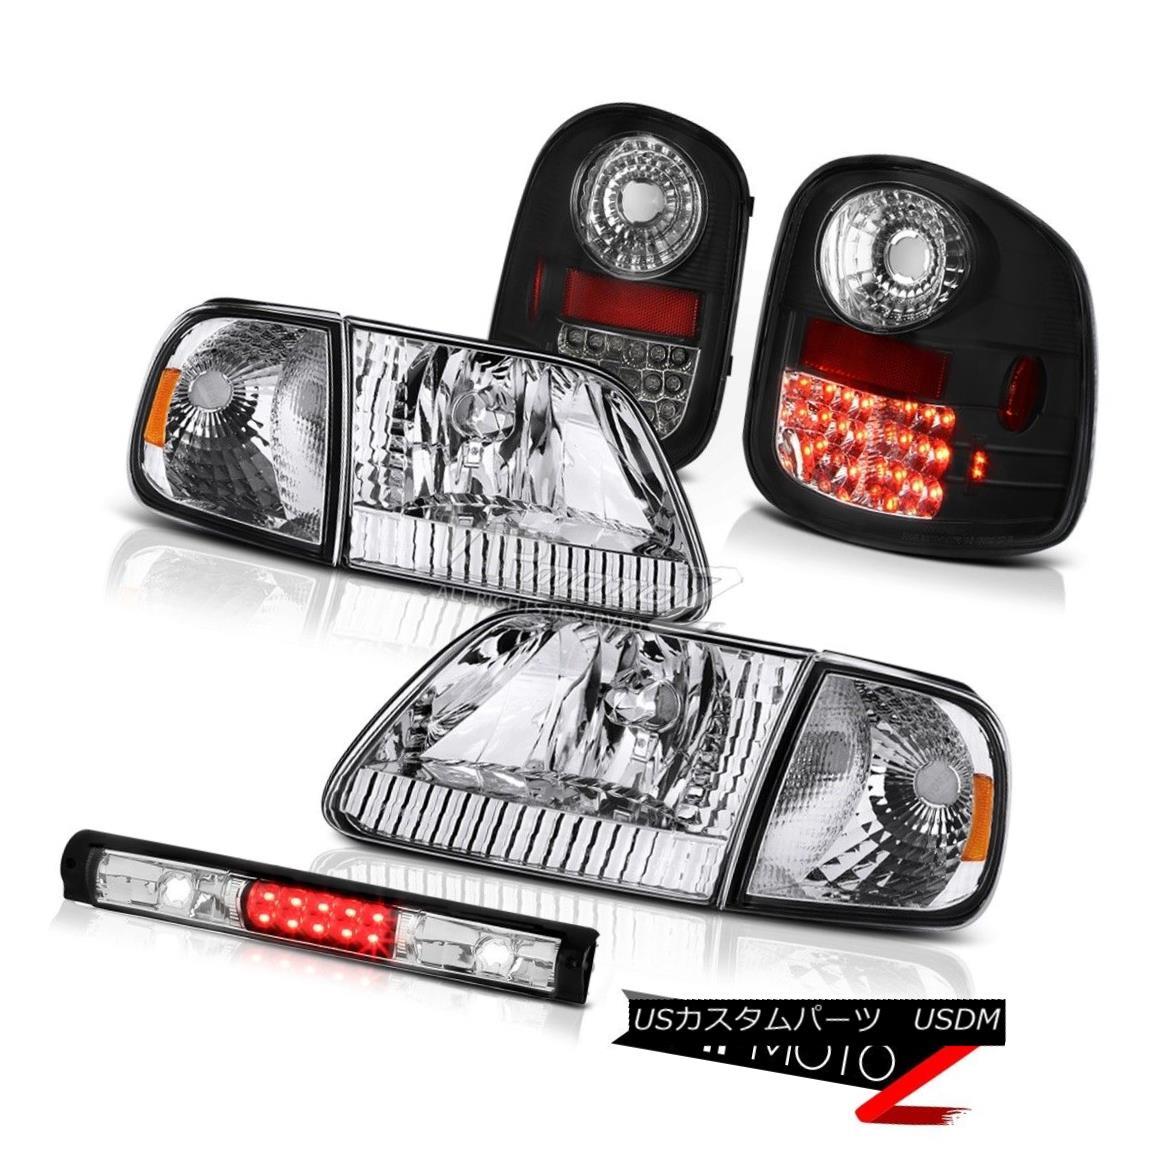 テールライト Signal Headlamp Bright LED Tail Lights High Stop Black 97-03 F150 Flareside 5.4L 信号ヘッドランプ明るいLEDテールライトハイストップブラック97-03 F150フラレイド5.4L